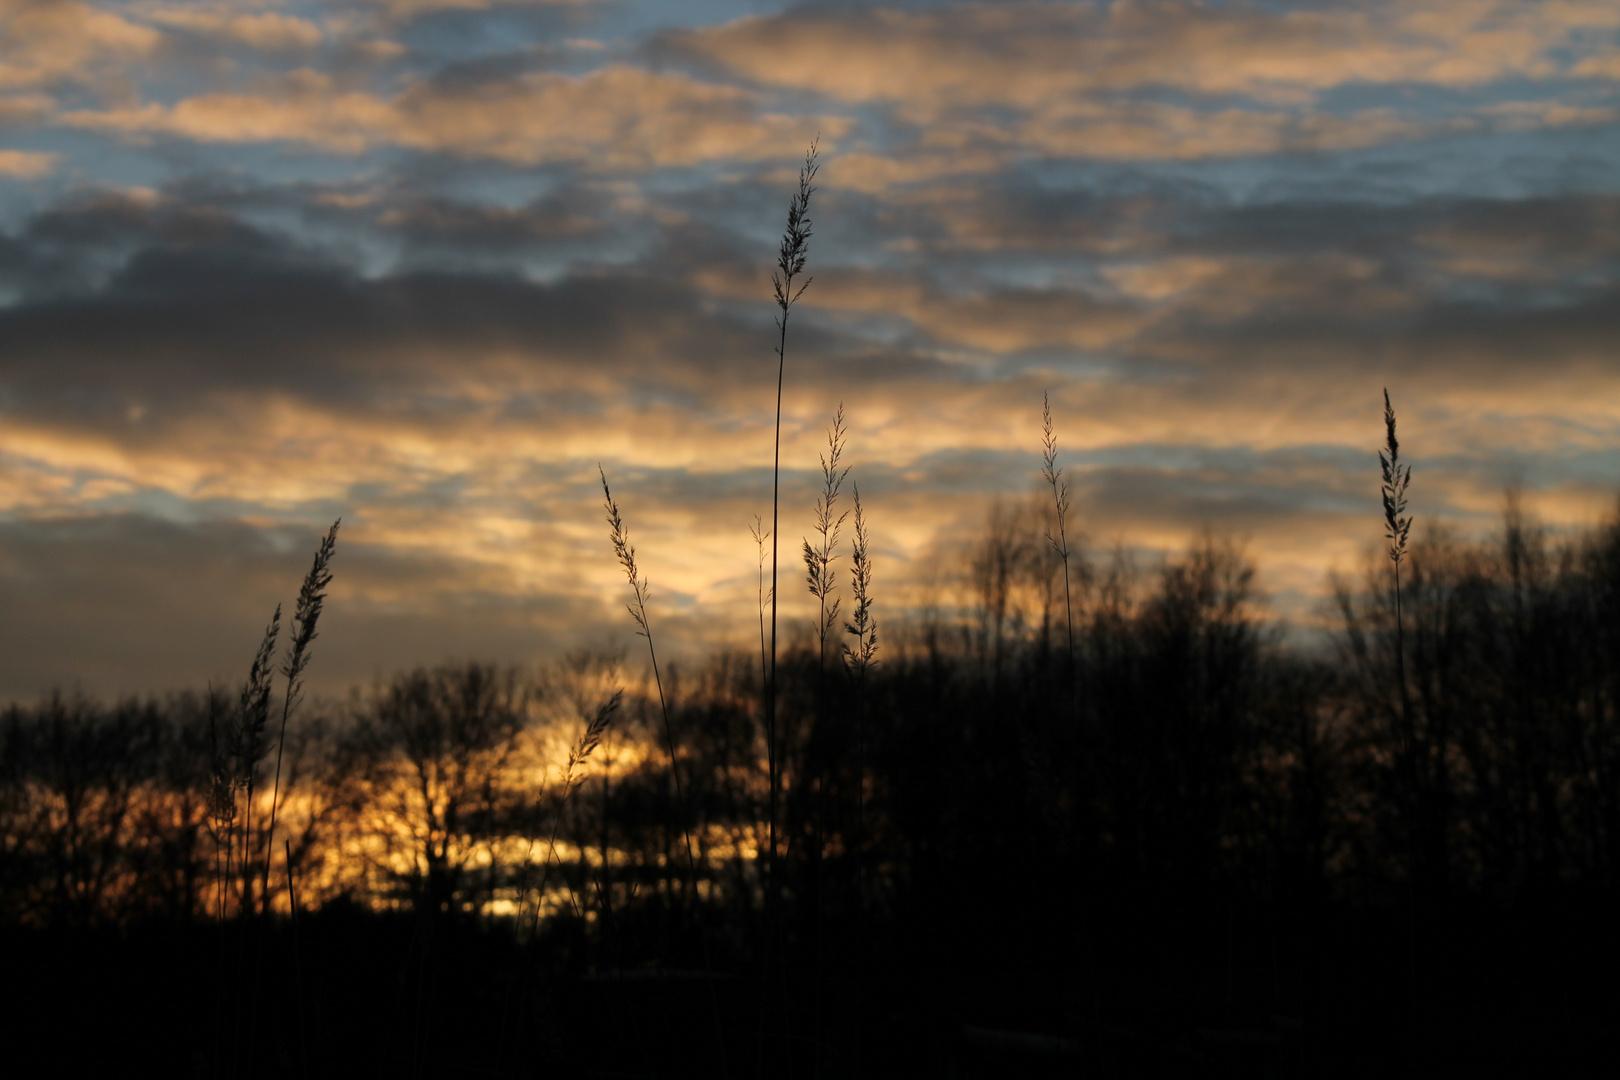 Der Halm im Sonnenuntergang